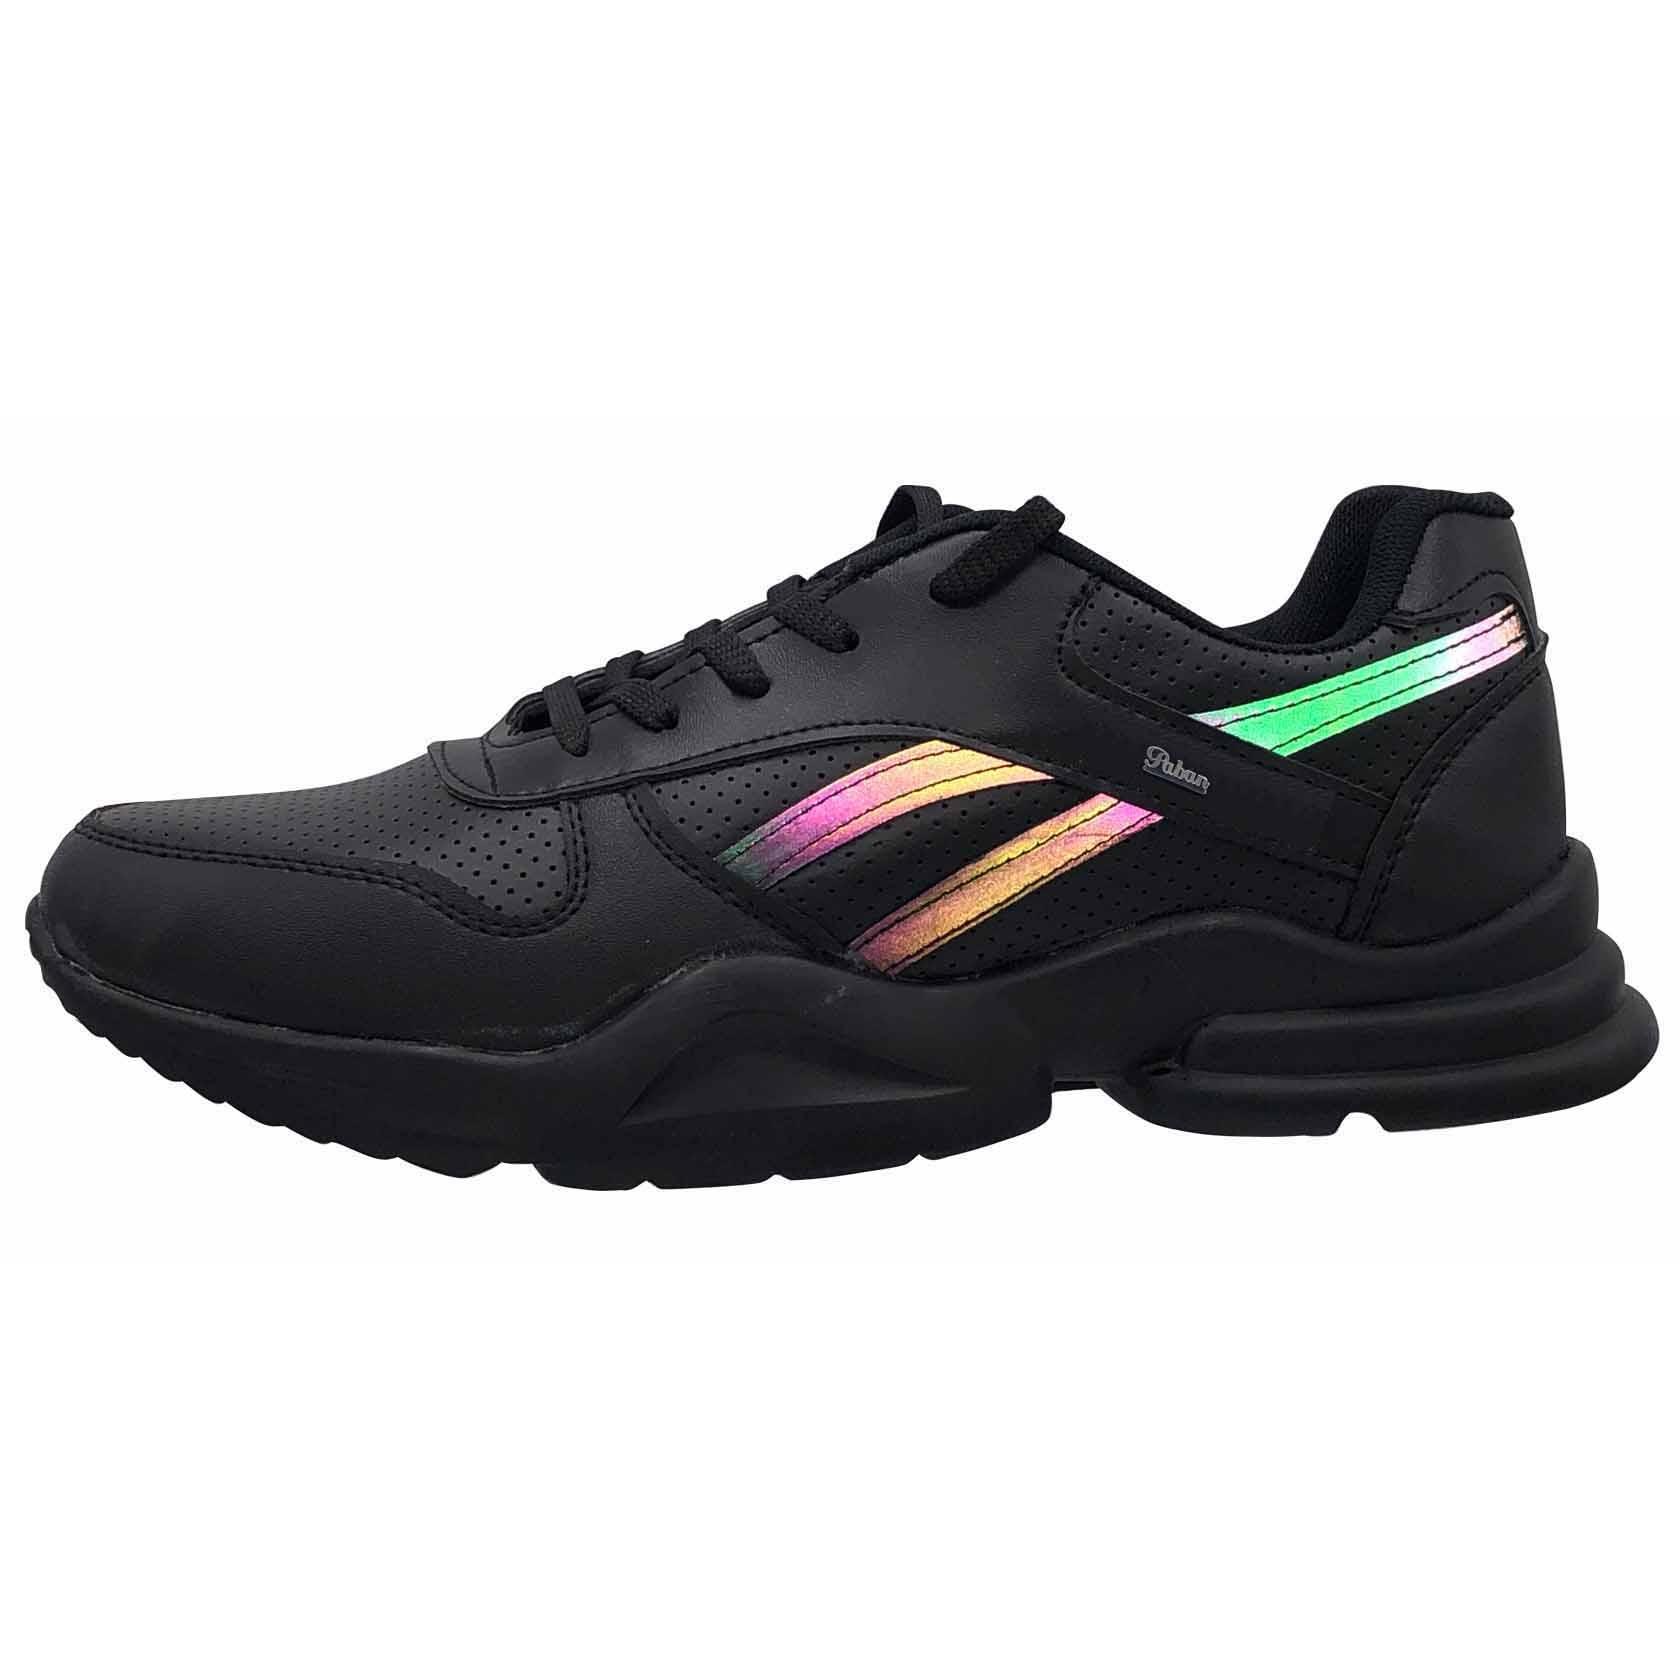 کفش مخصوص پیاده روی زنانه پابان کد 203 P